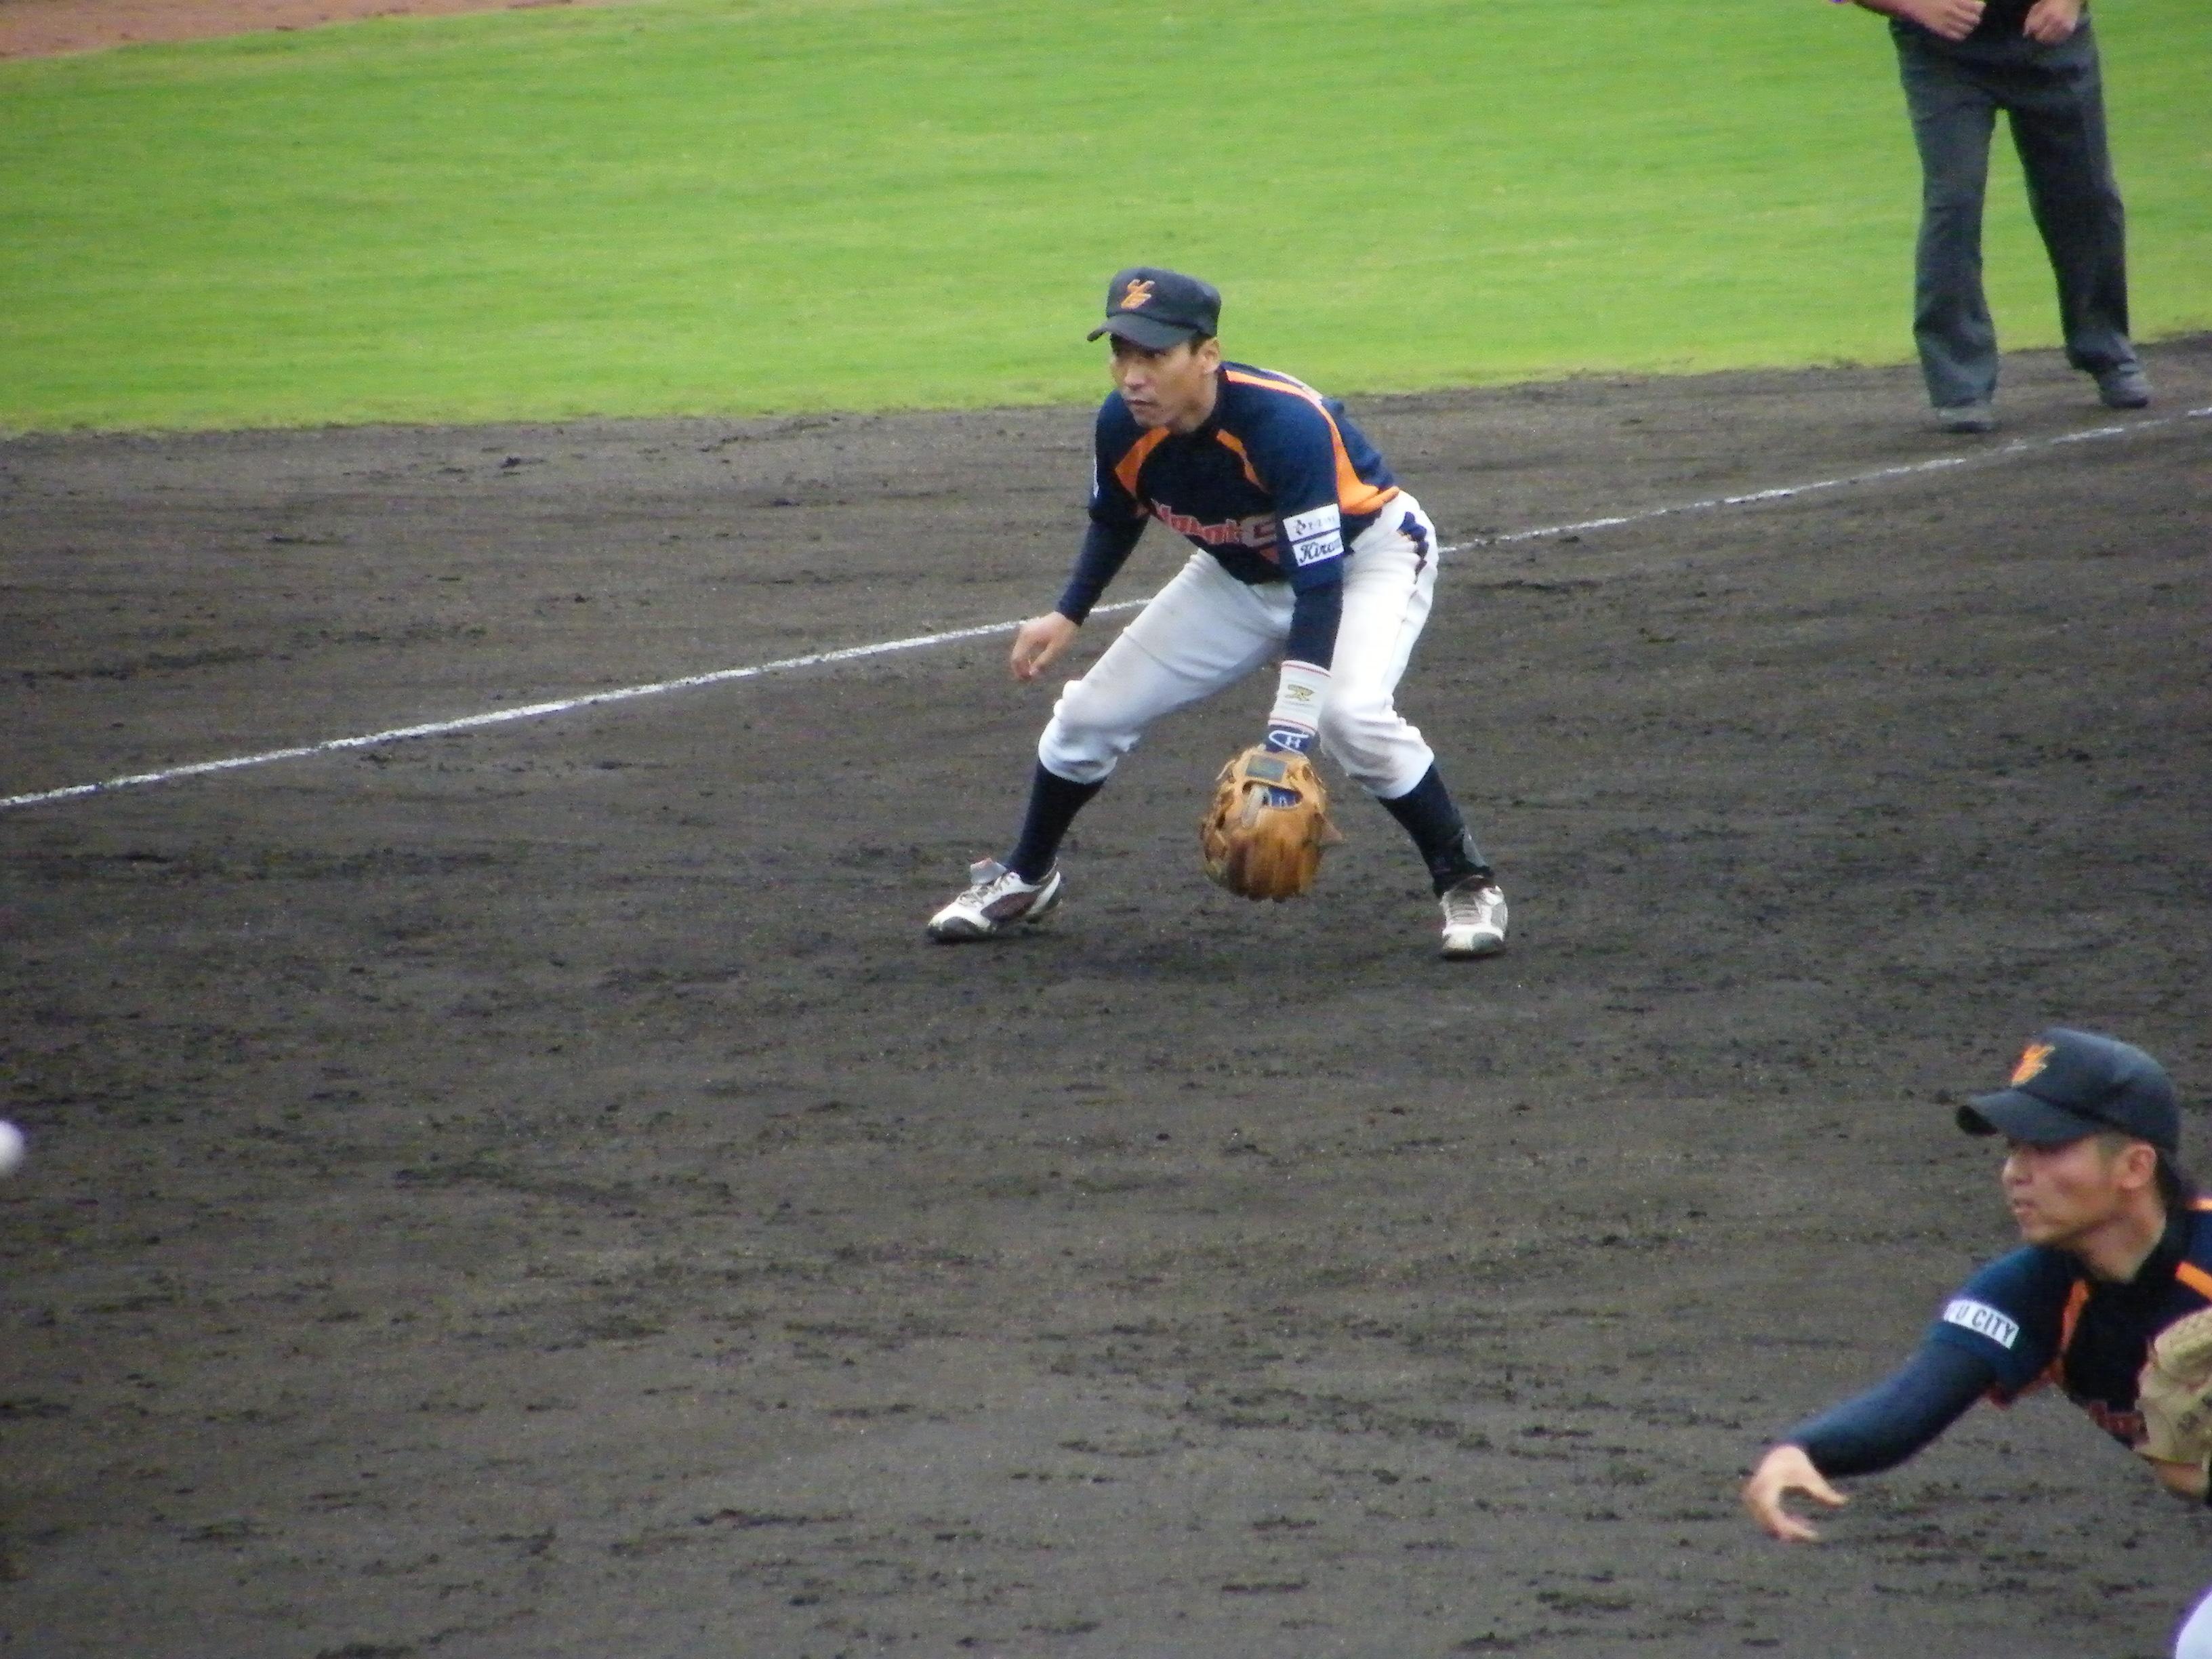 逆転の2塁打を放った野村泰三選手2